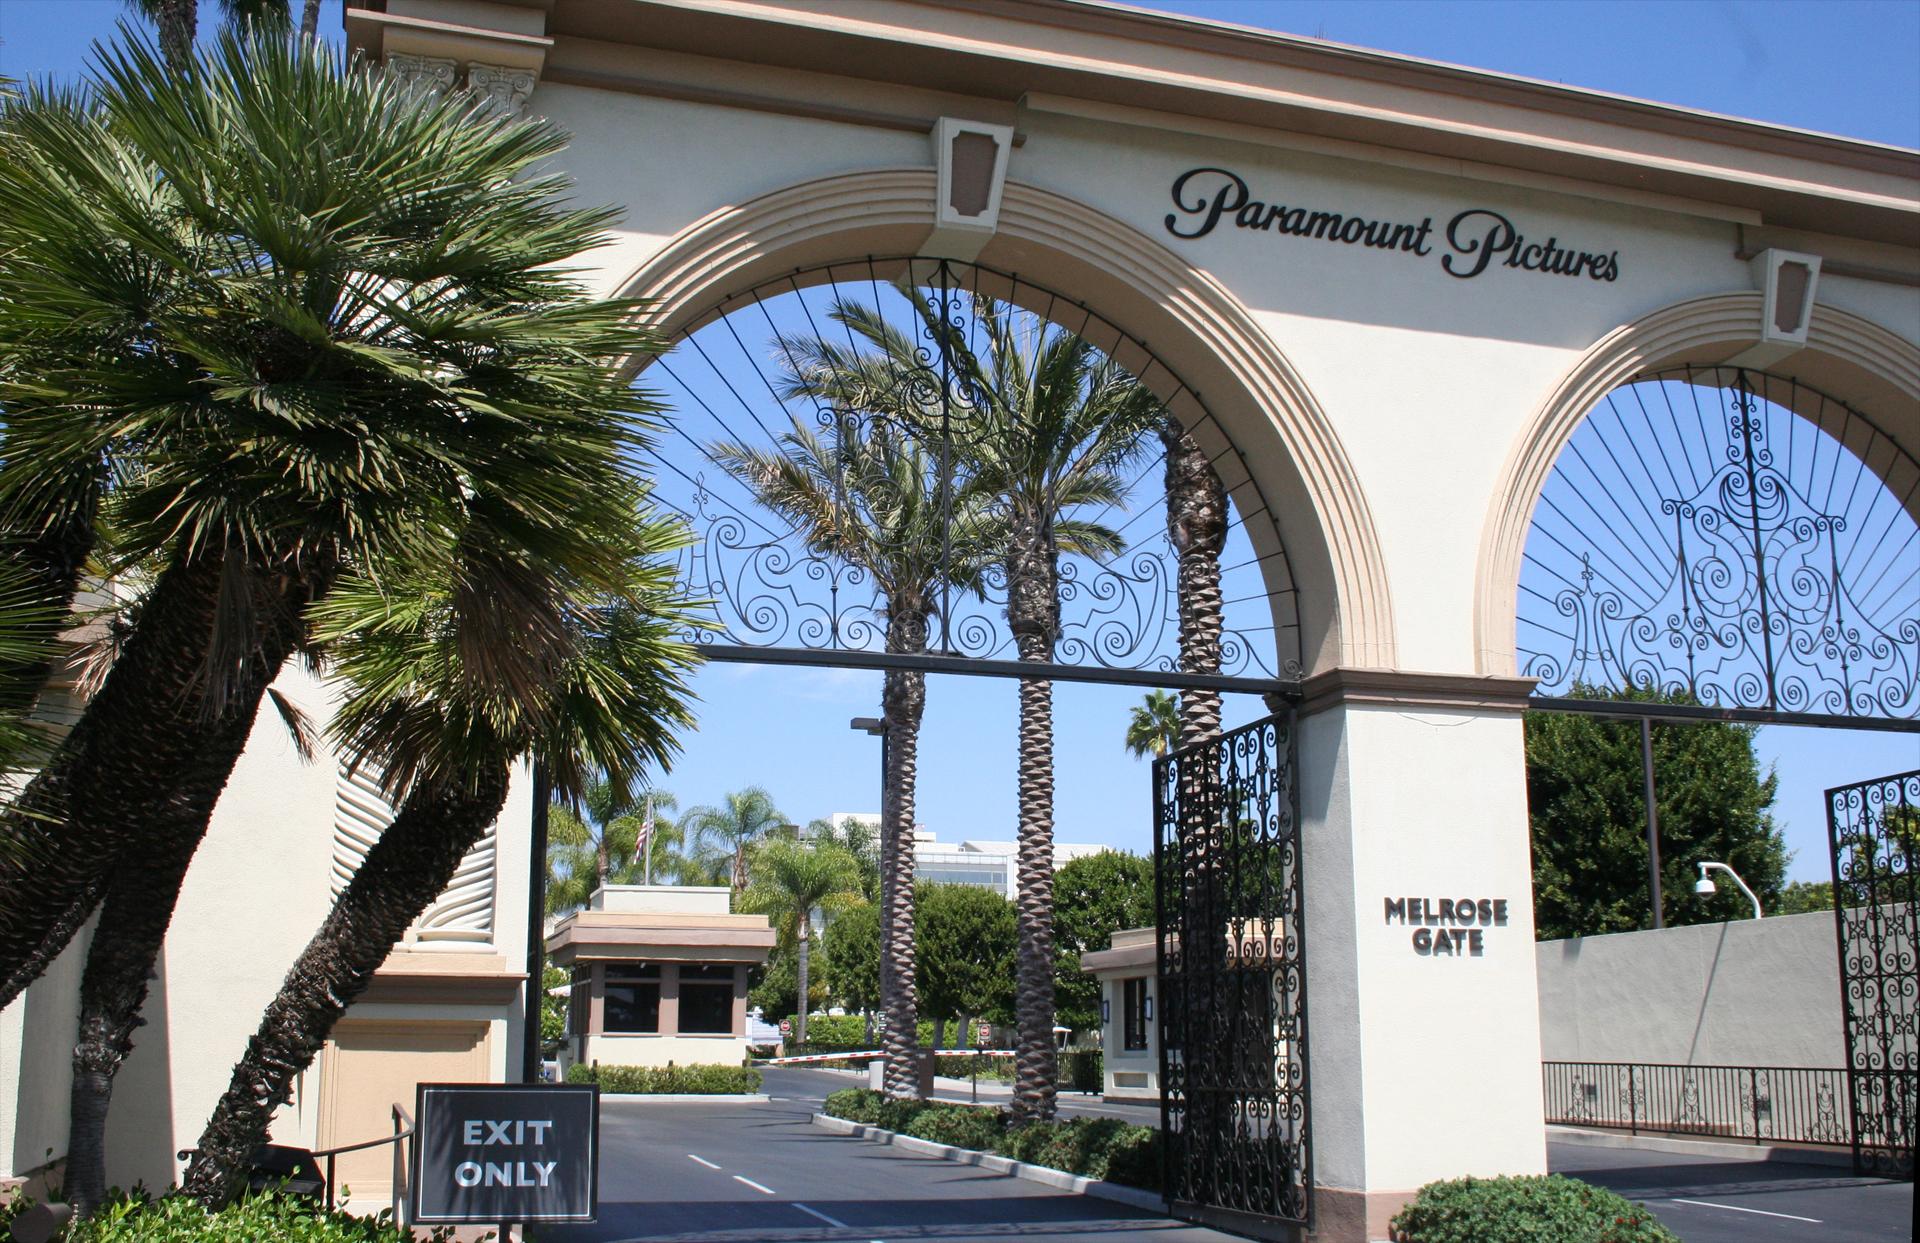 Das Melrose Gate führt auf das Gelände von Paramount Pictures. Foto: Hinze